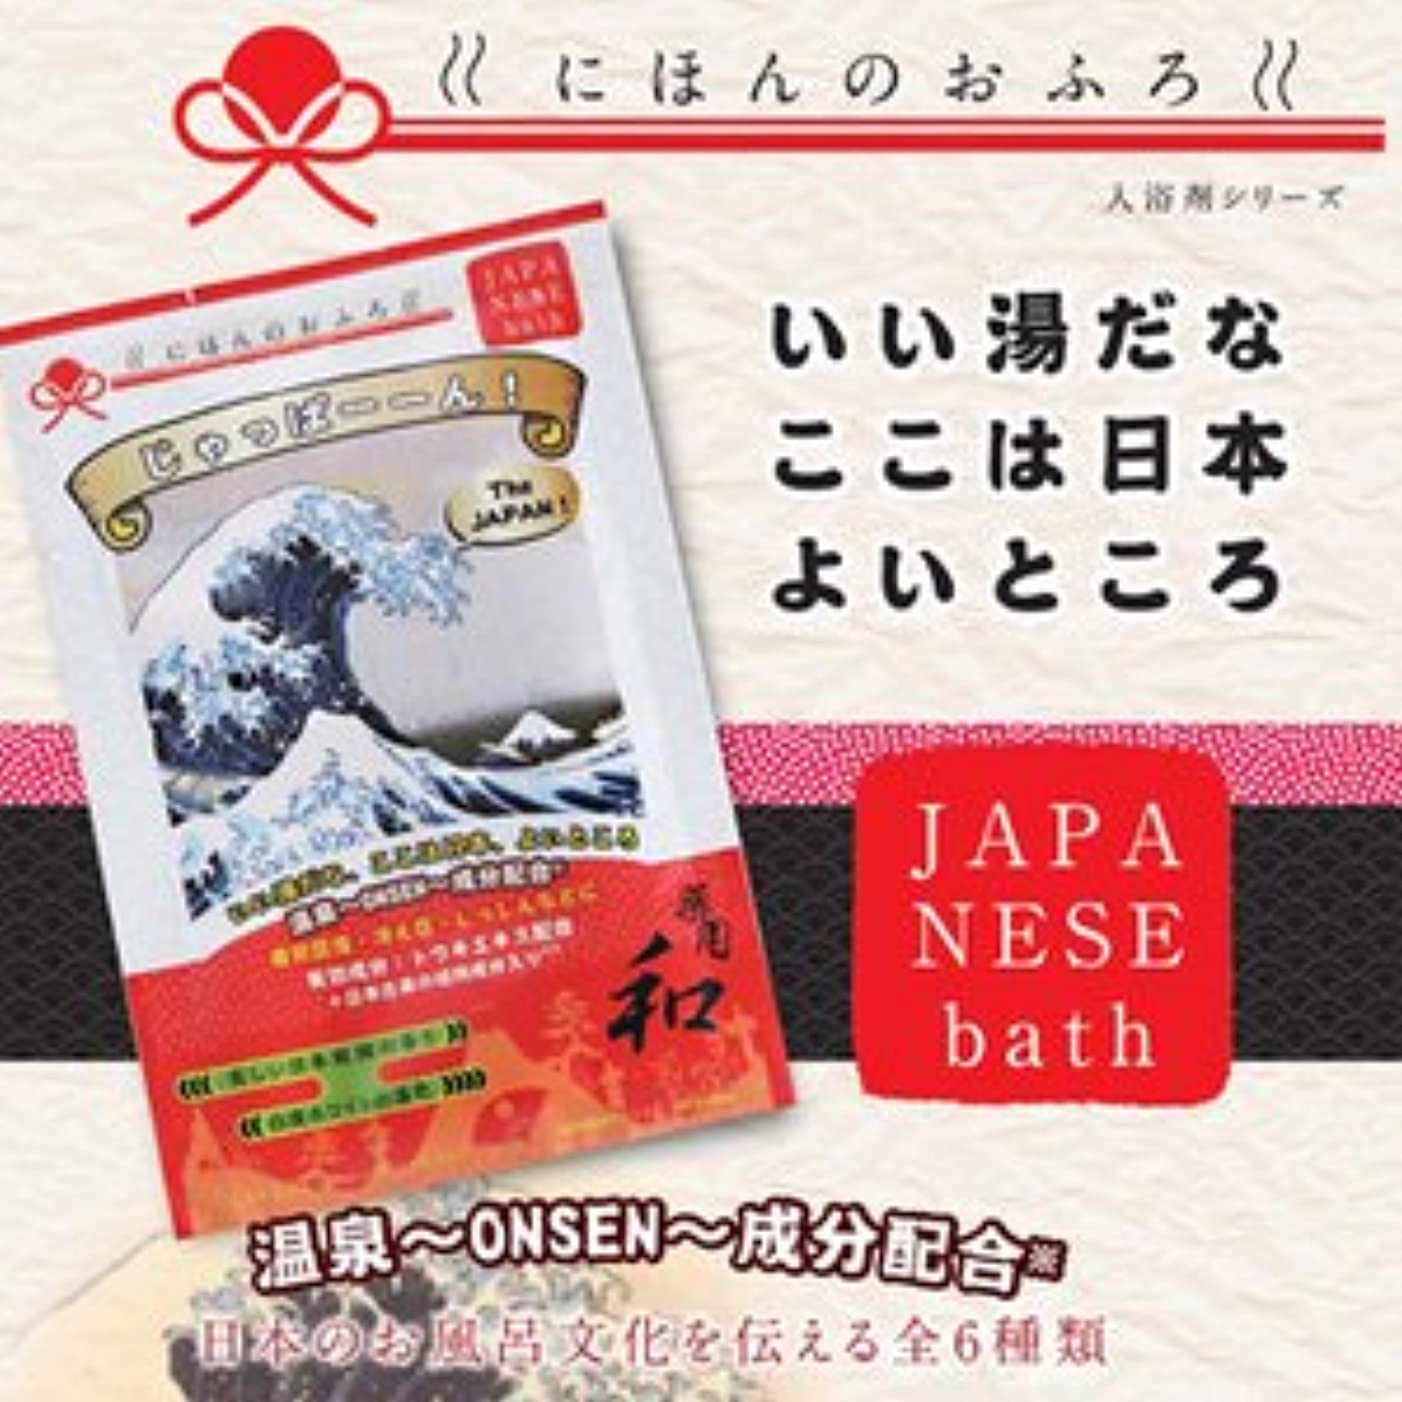 幻滅合併指日本のお風呂 全部ためせる6種類セット 入浴剤 福袋/入浴剤福袋